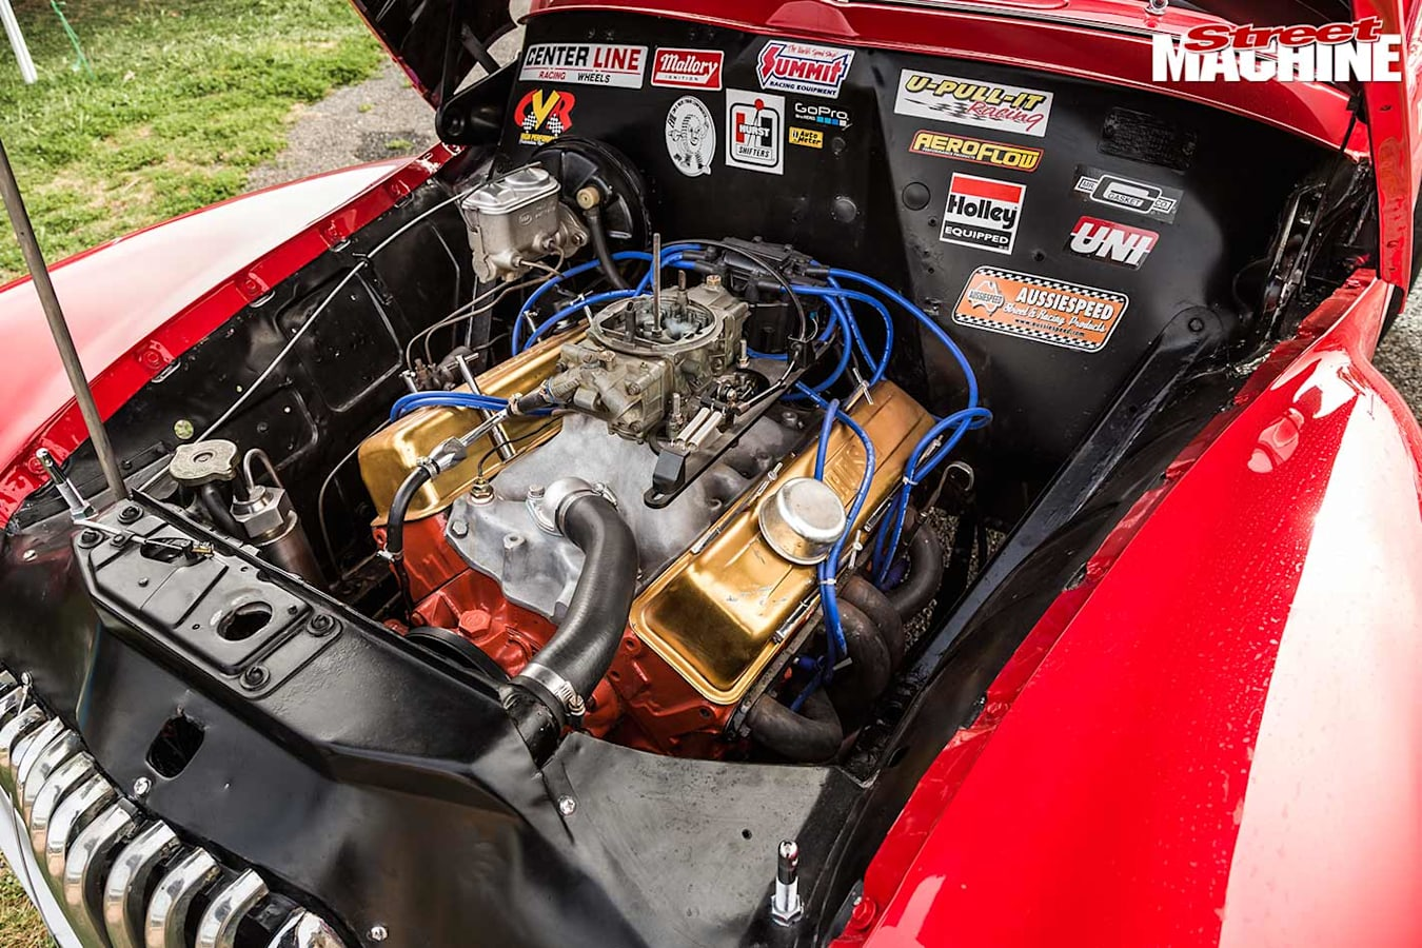 Holden FX gasser